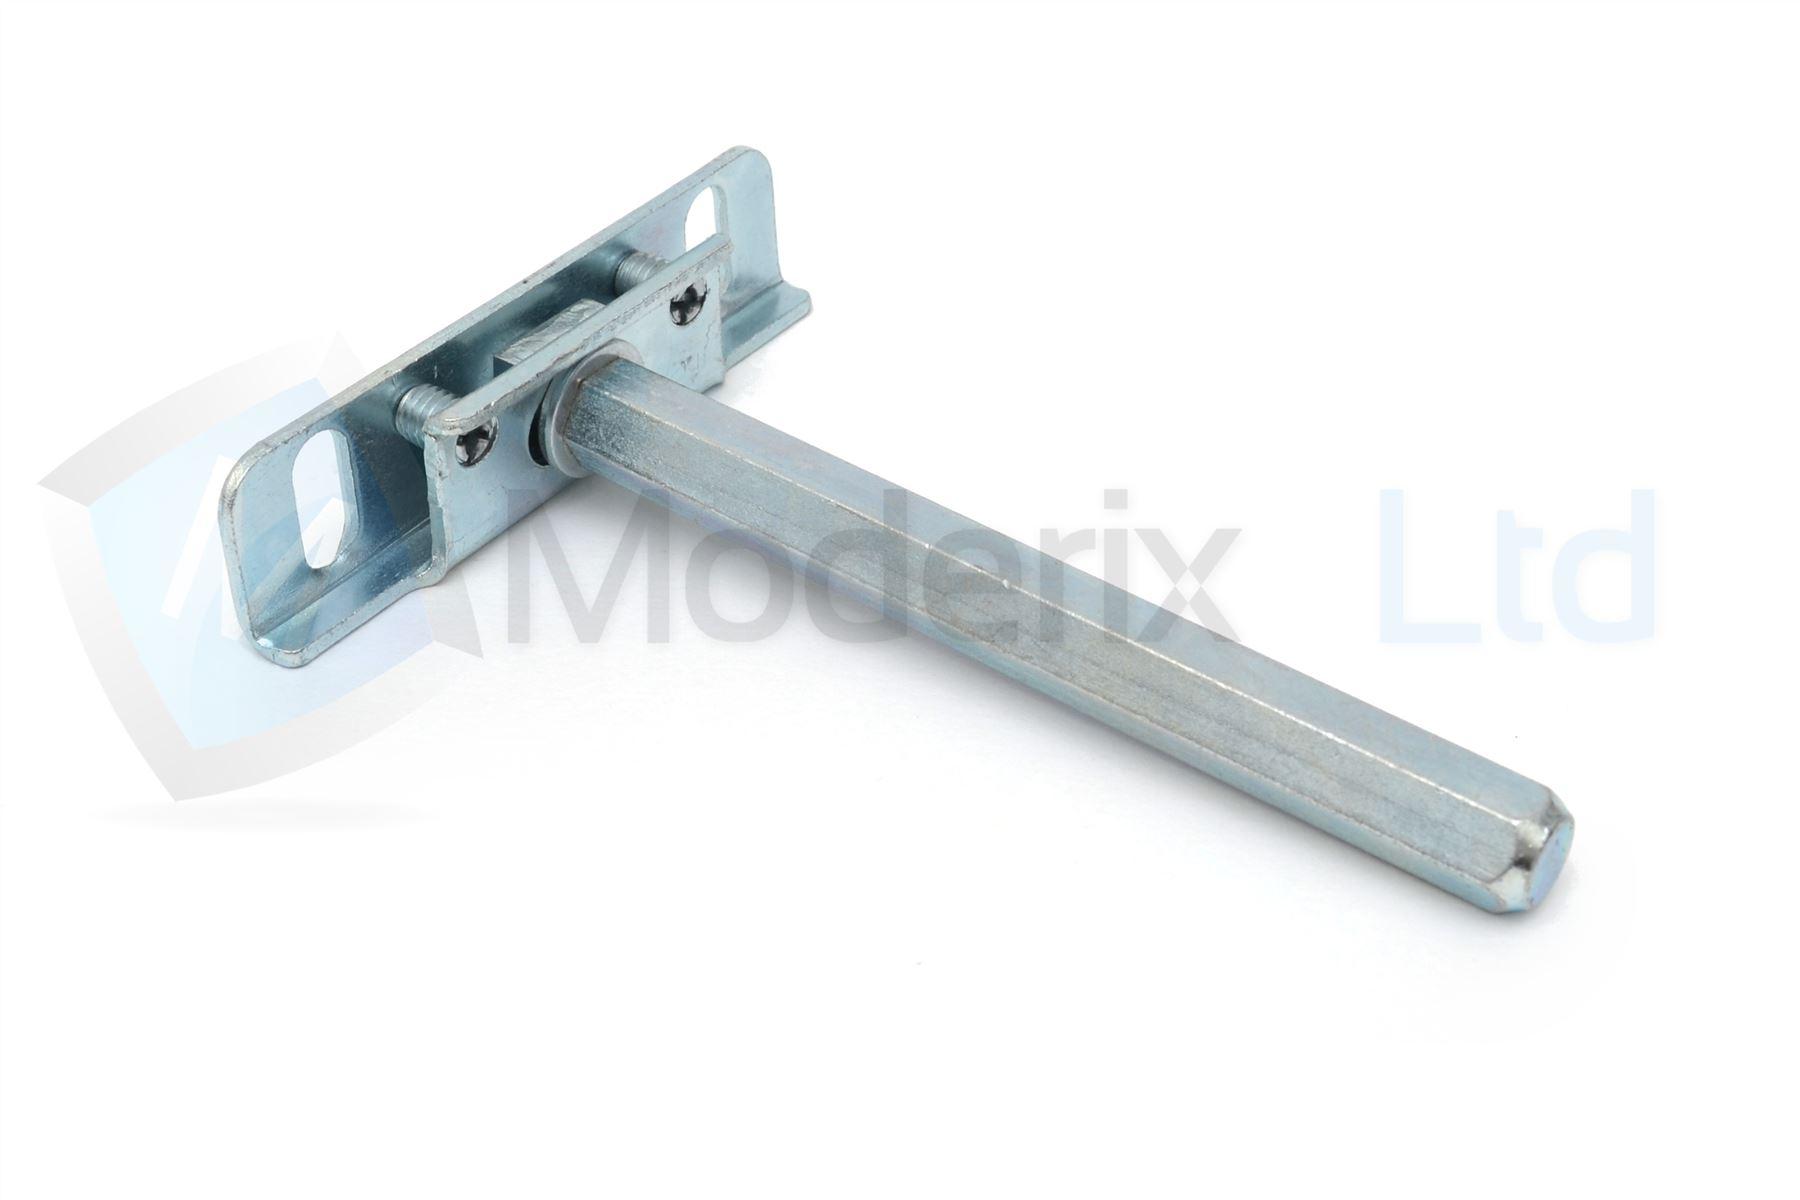 2 X Supporti Mensole A Scomparsa Staffa In Metallo Pareti